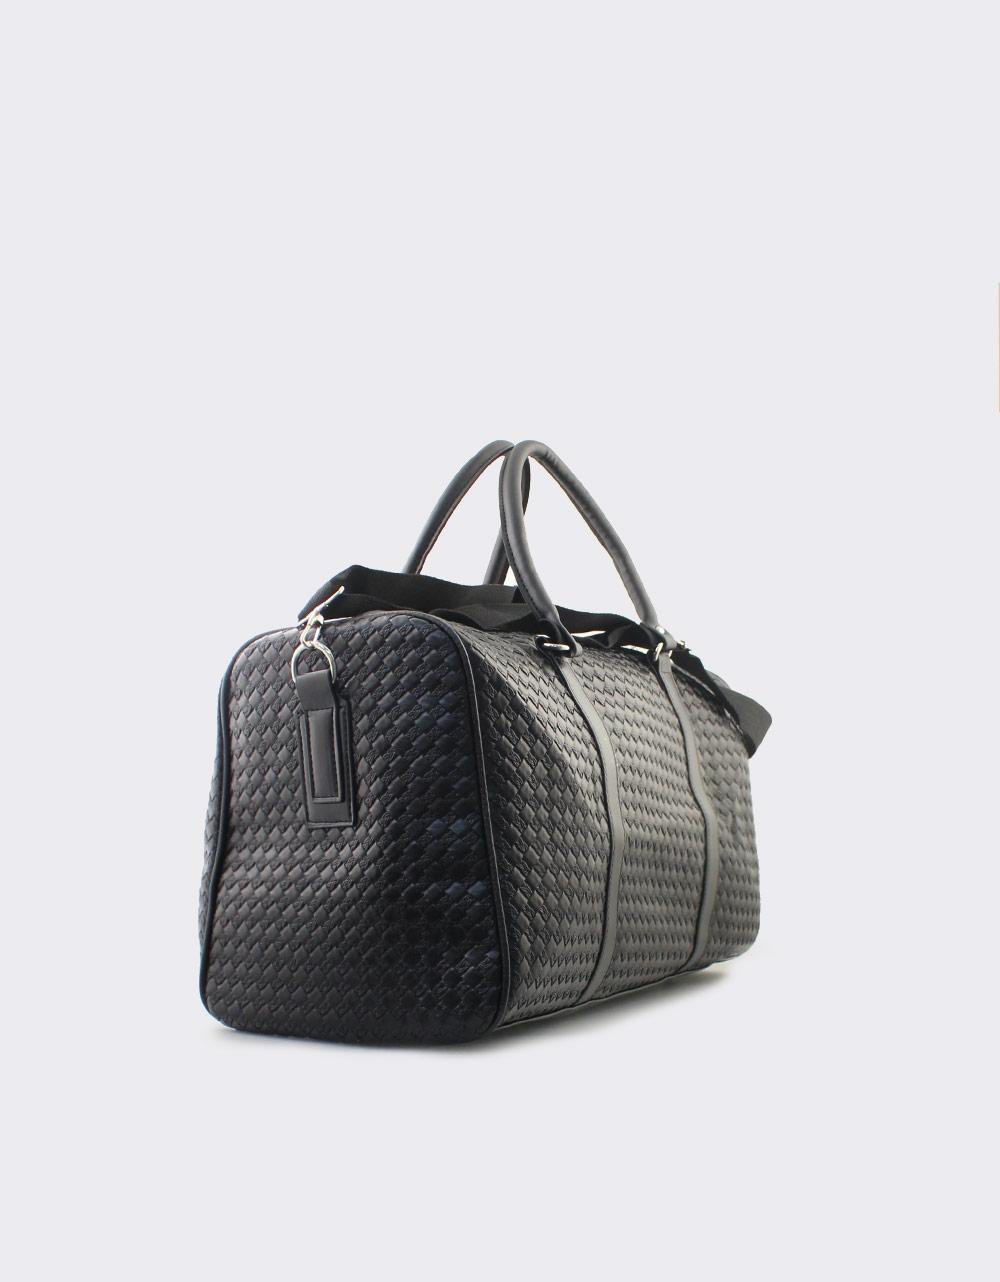 Εικόνα από Ανδρικές τσάντες ώμου με ανάγλυφο μοτίβο Μαύρο